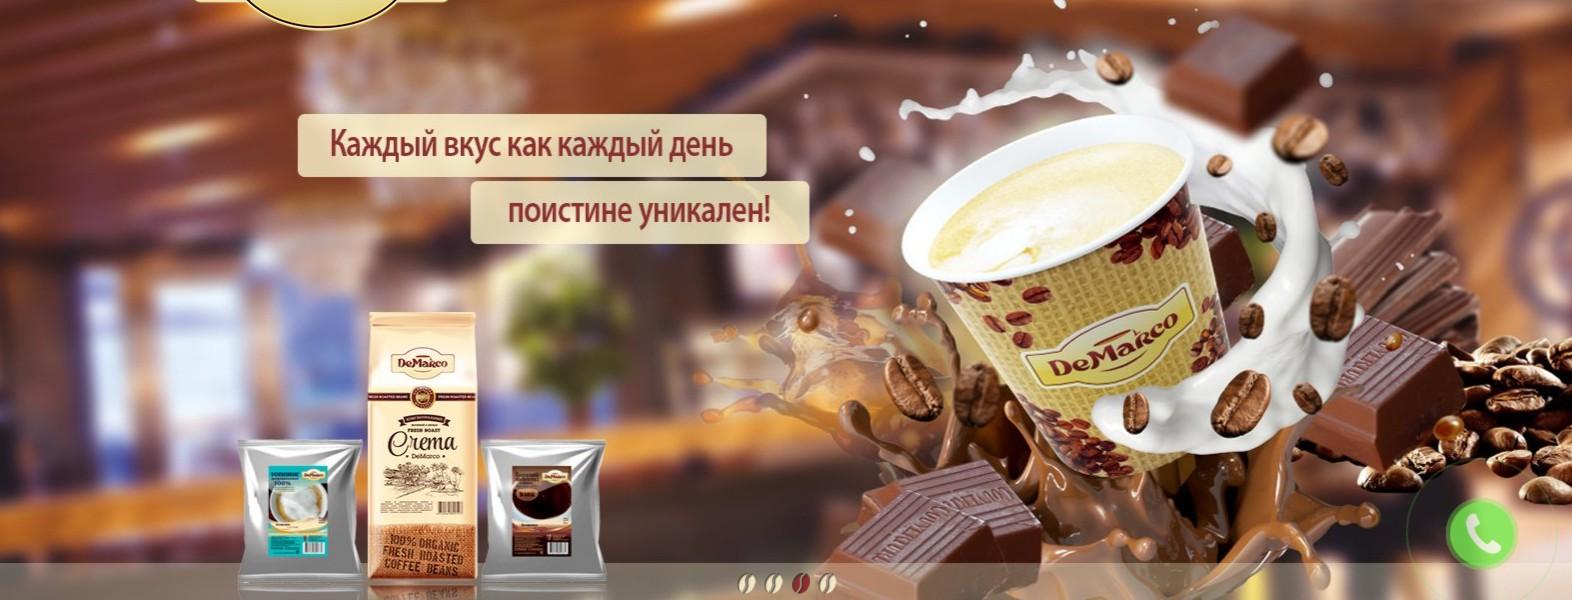 Сбор заказов. Кофе в зернах, молотый, кофейные напитки, капучино, горячий шоколад, сублимированные чаи, сухое молоко, сливки, молочные коктейли, топинги, кисели - согреют вас в офисе и дома. Выкуп-8.